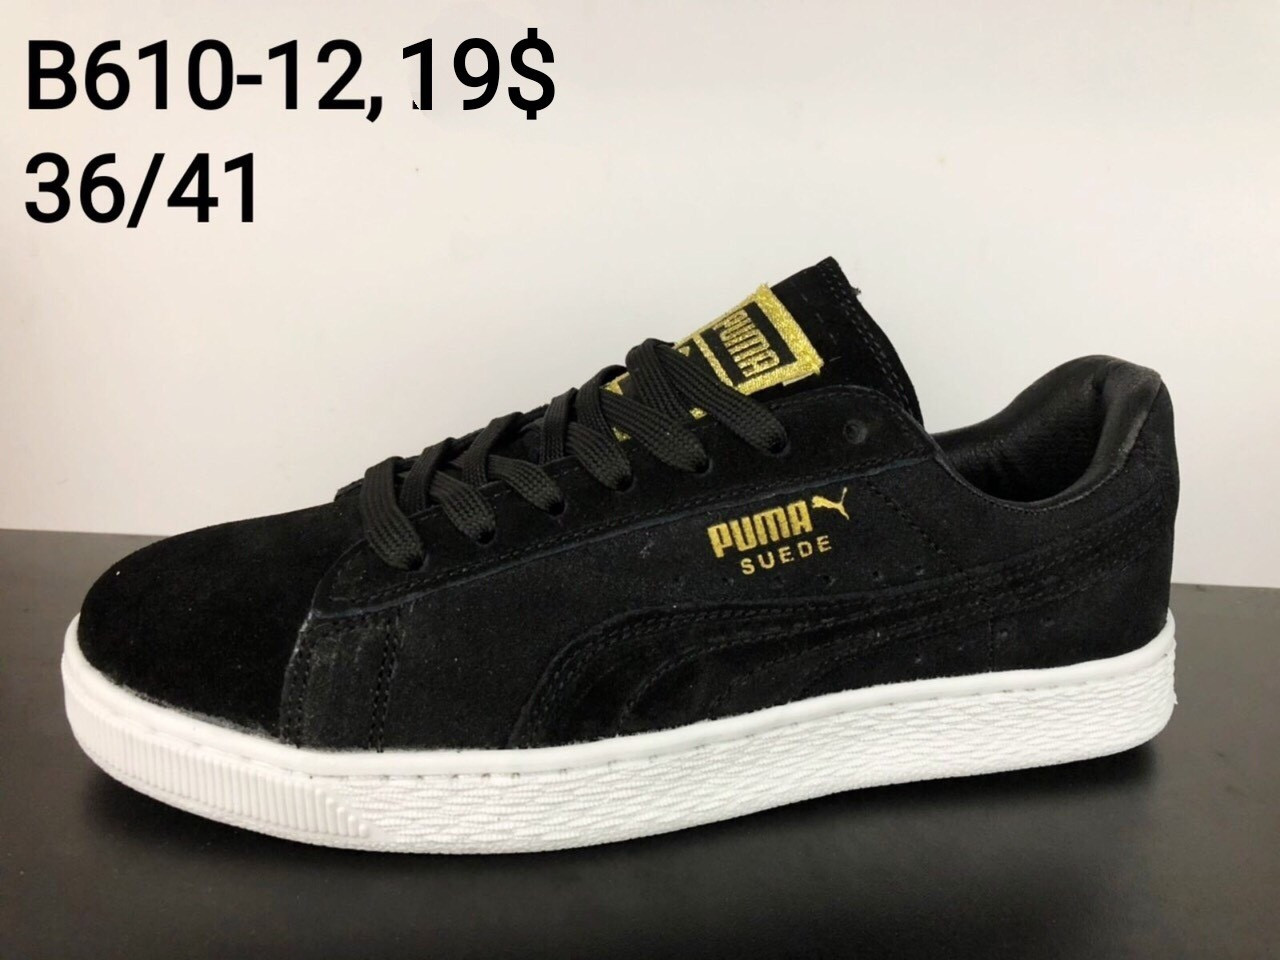 Кроссовки подростковые Puma Suede оптом (36-41)